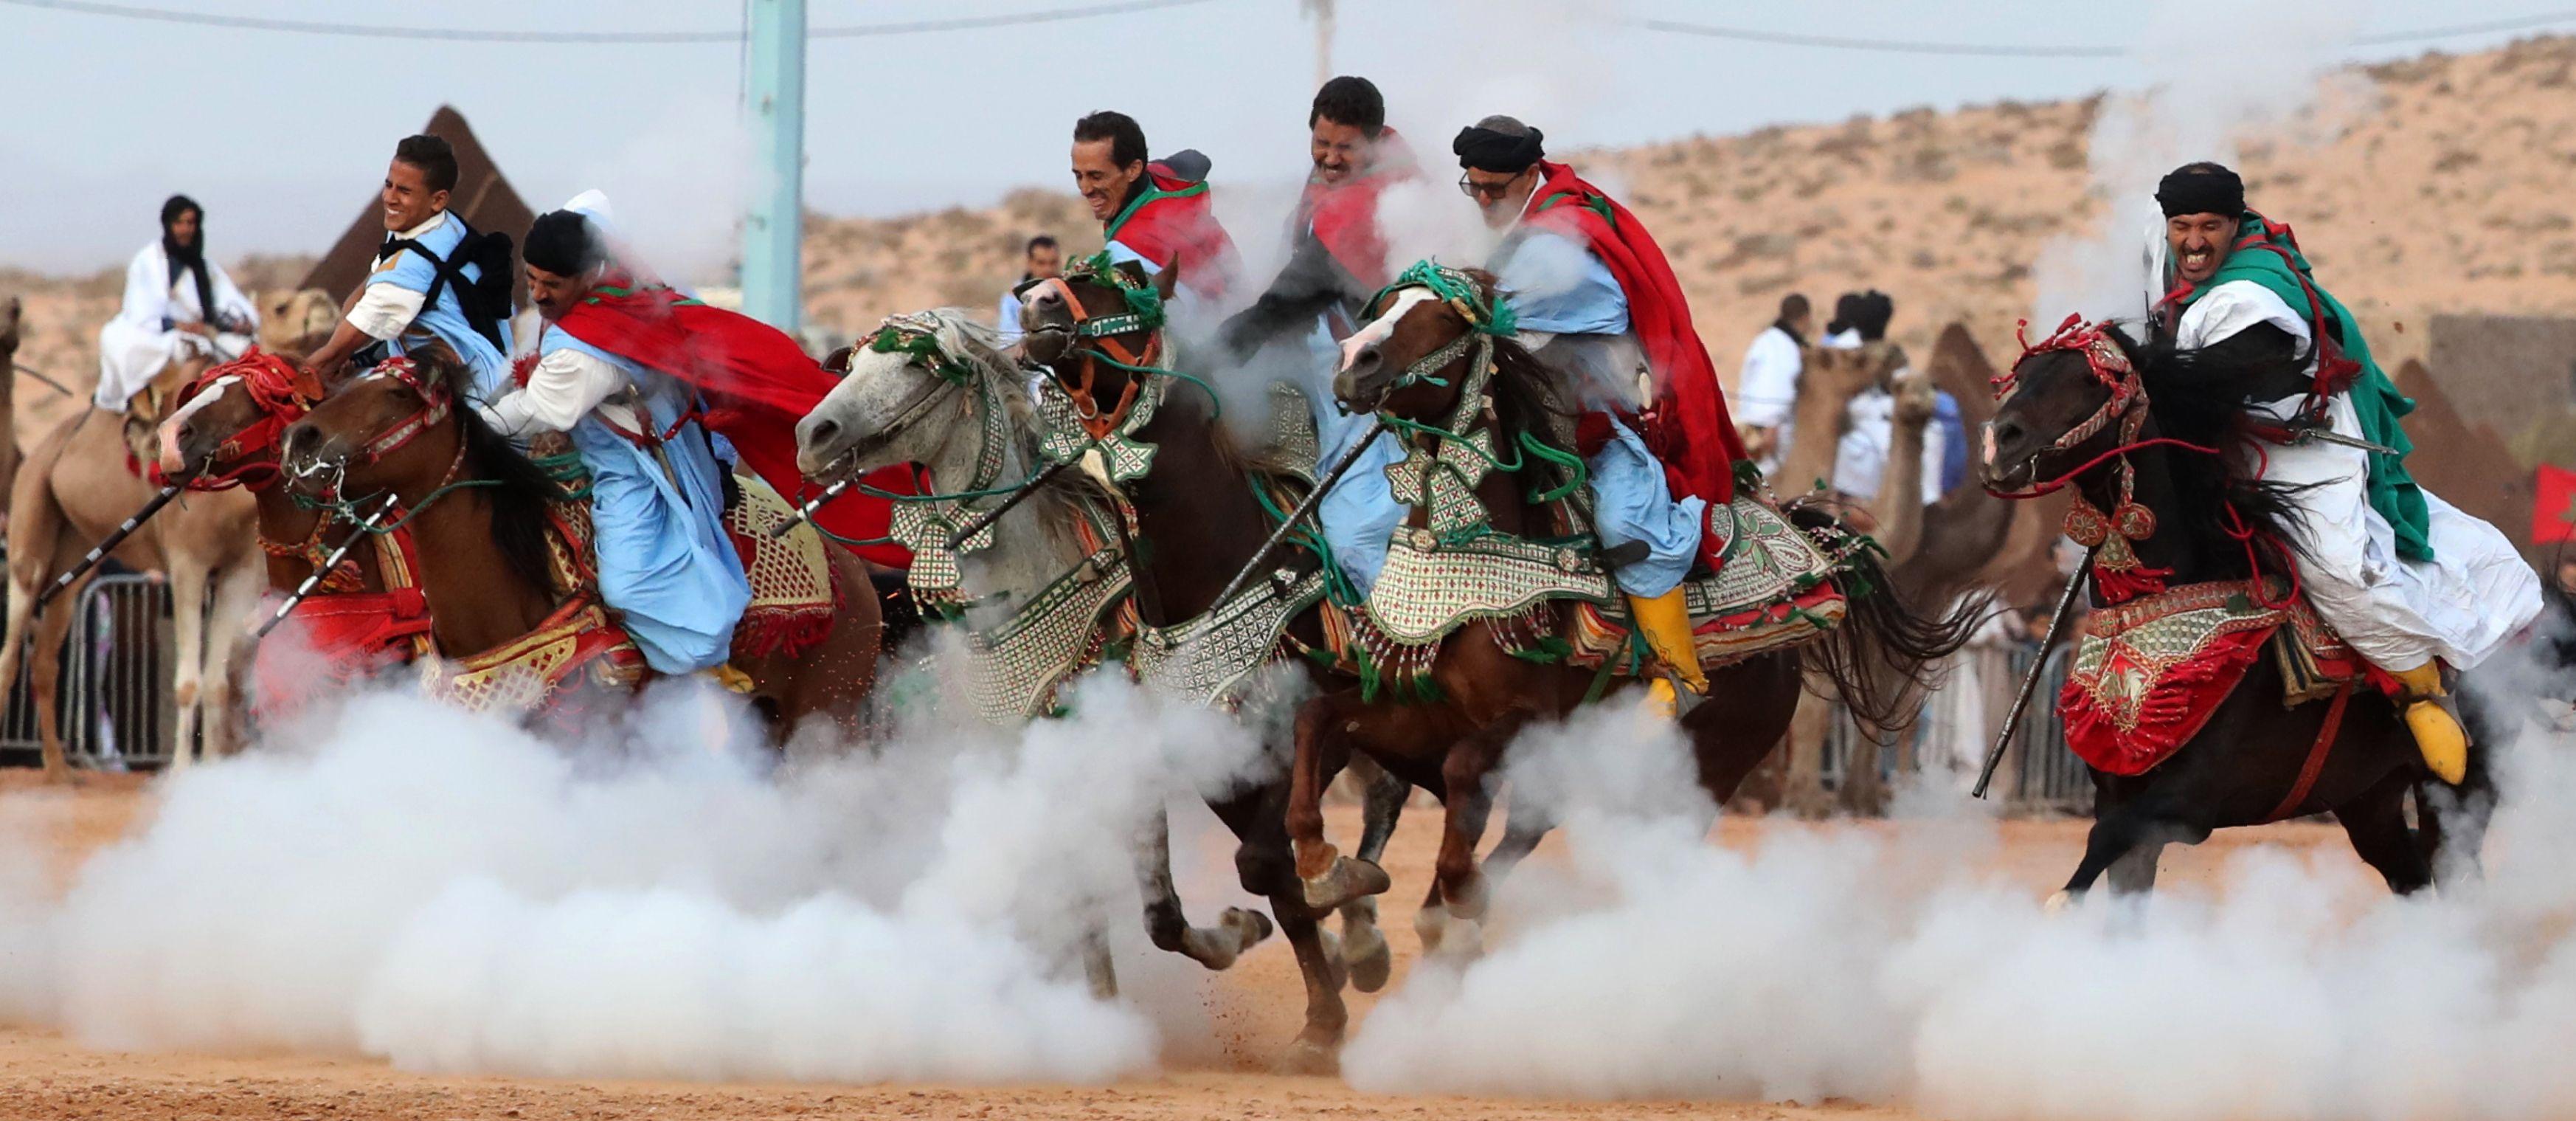 ركوب الخيول فى موسم طانطان